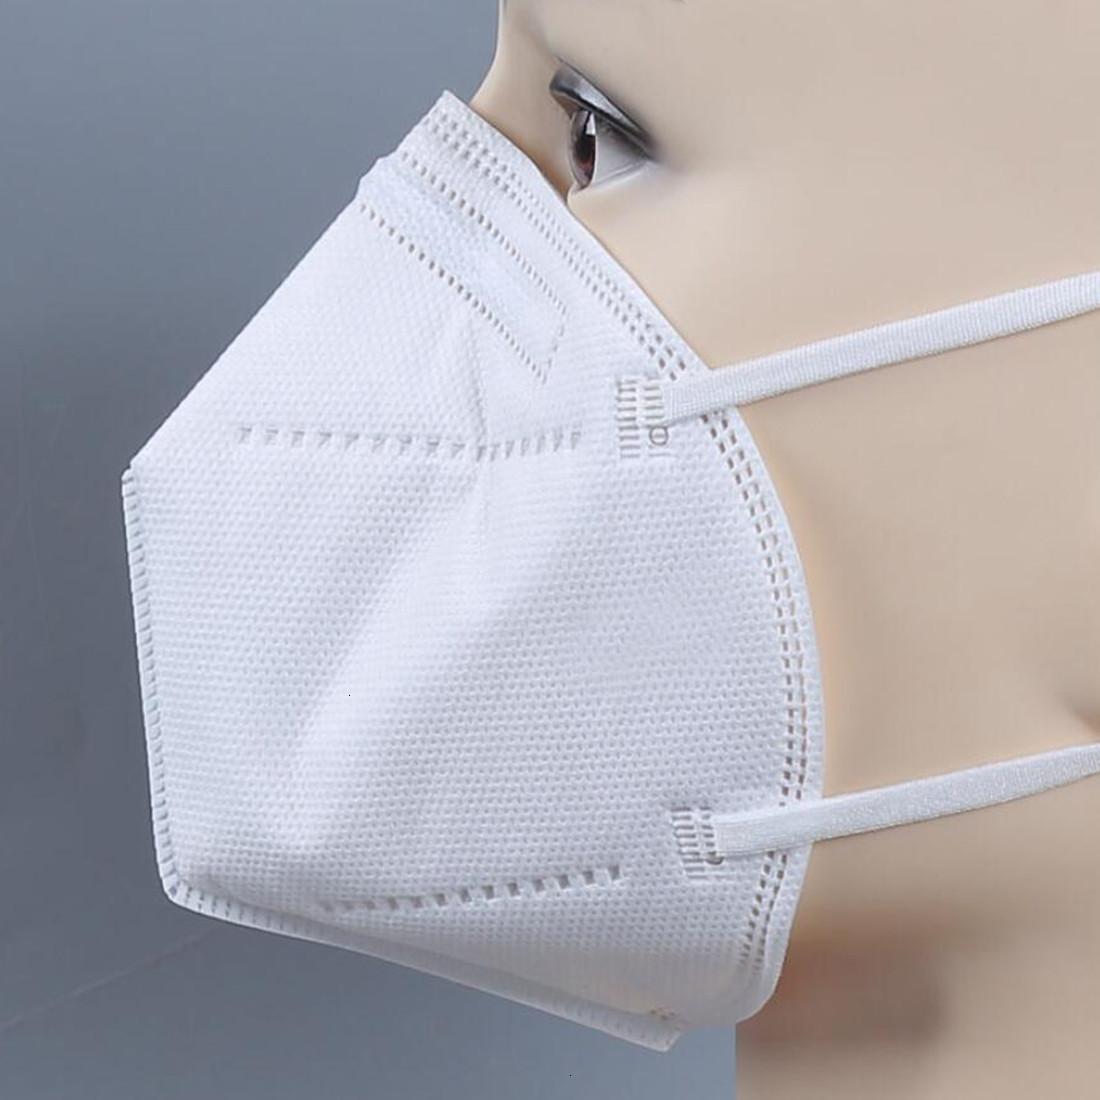 Fabrika Fiyat Tek Kullanımlık Yüz Maskeleri Kalın 5-Katmanlı Dokuma PM2.5 Partikül Maskeleri Stokta DHL Ücretsiz Kargo